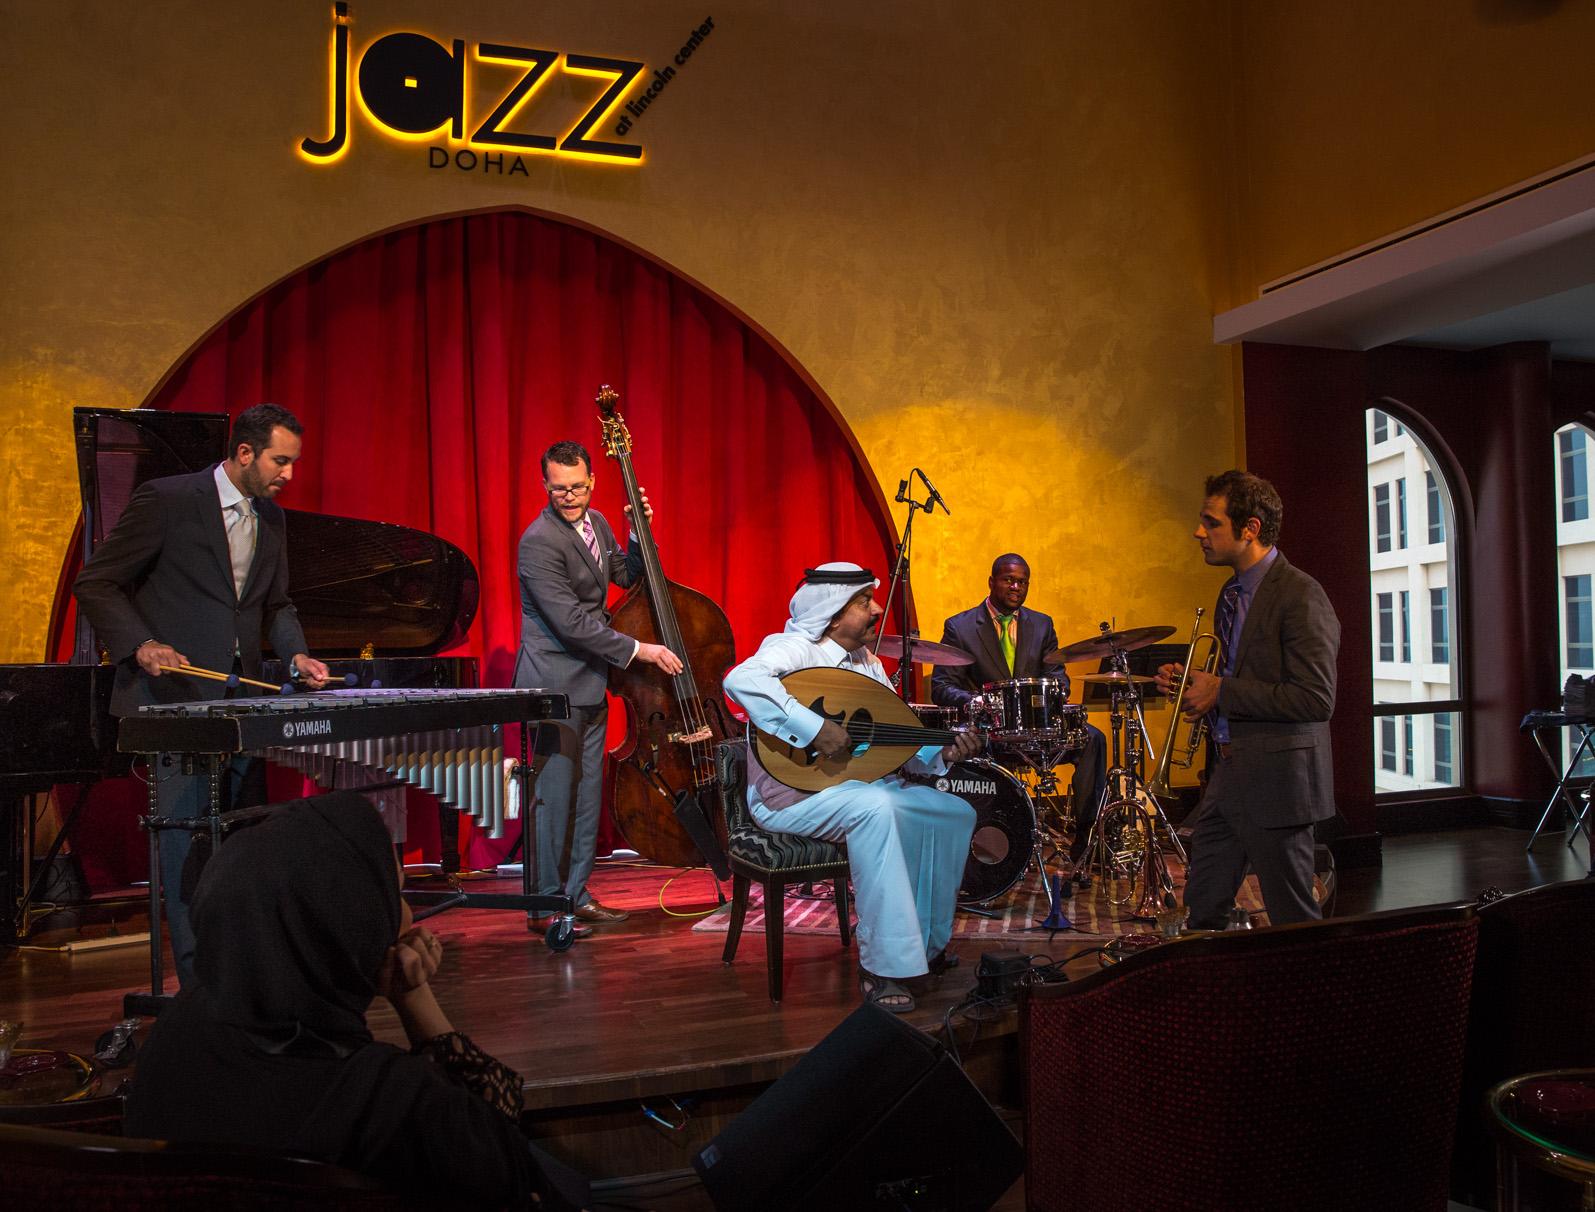 JALC in Doha